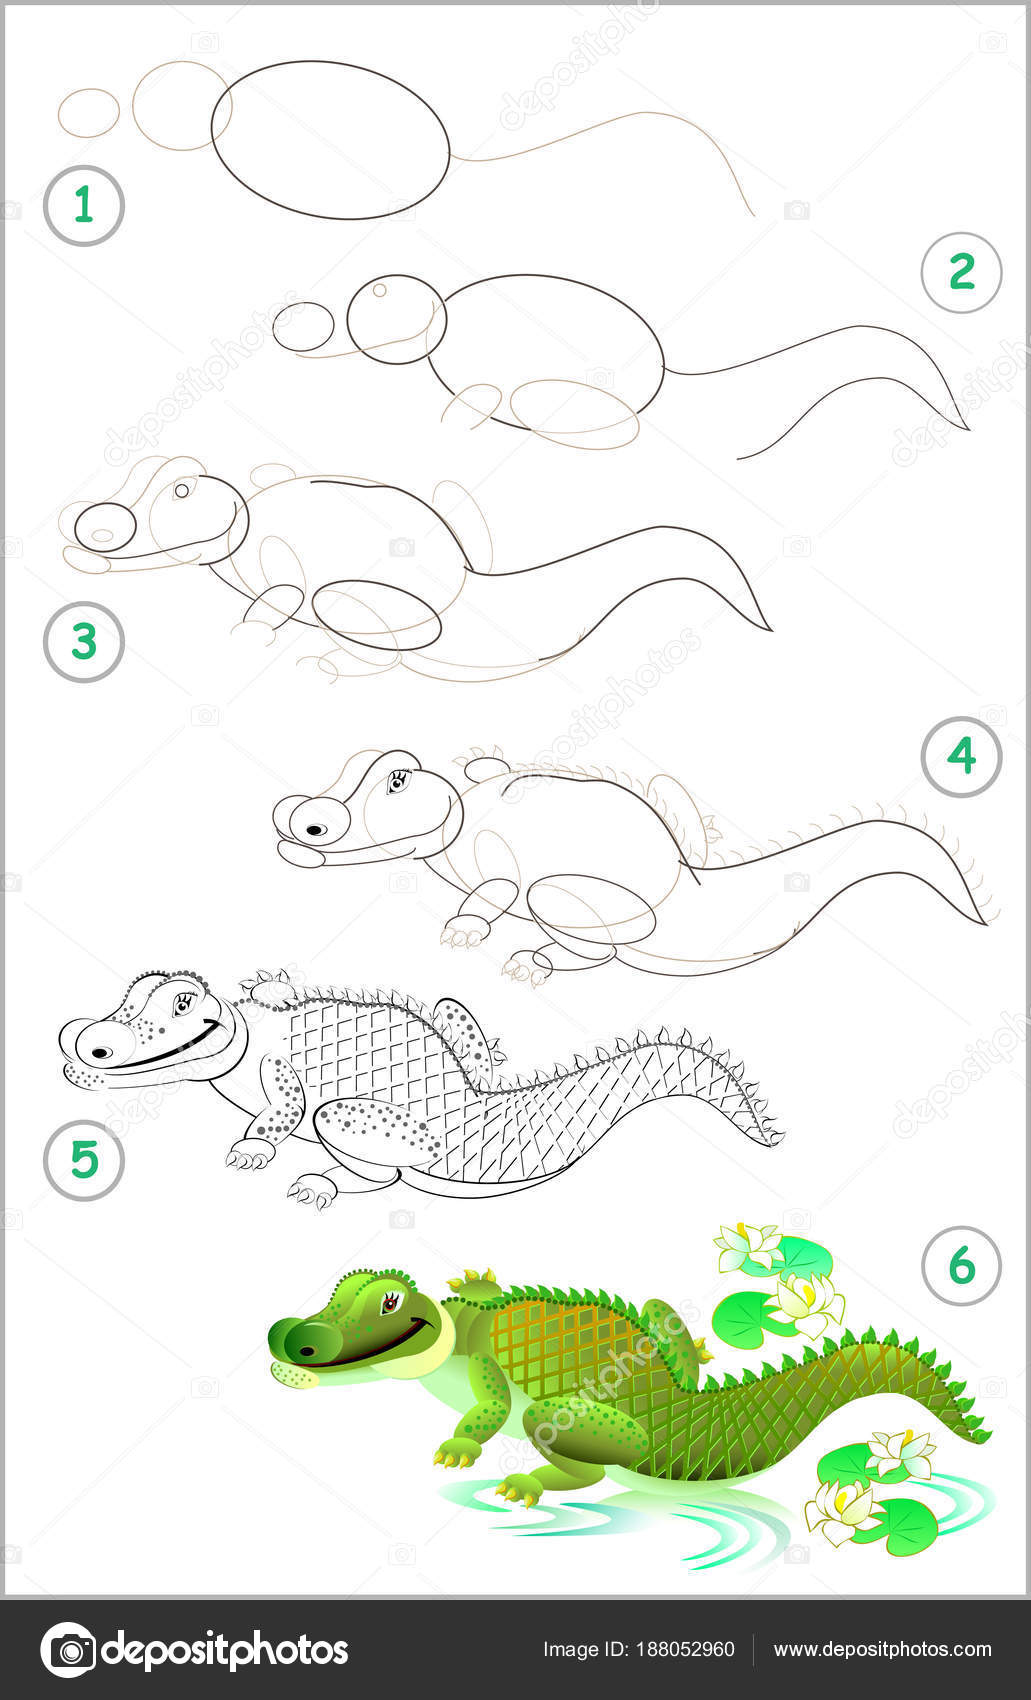 Dibujos Dibujo De Cocodrilo Paso A Paso Página Muestra Cómo